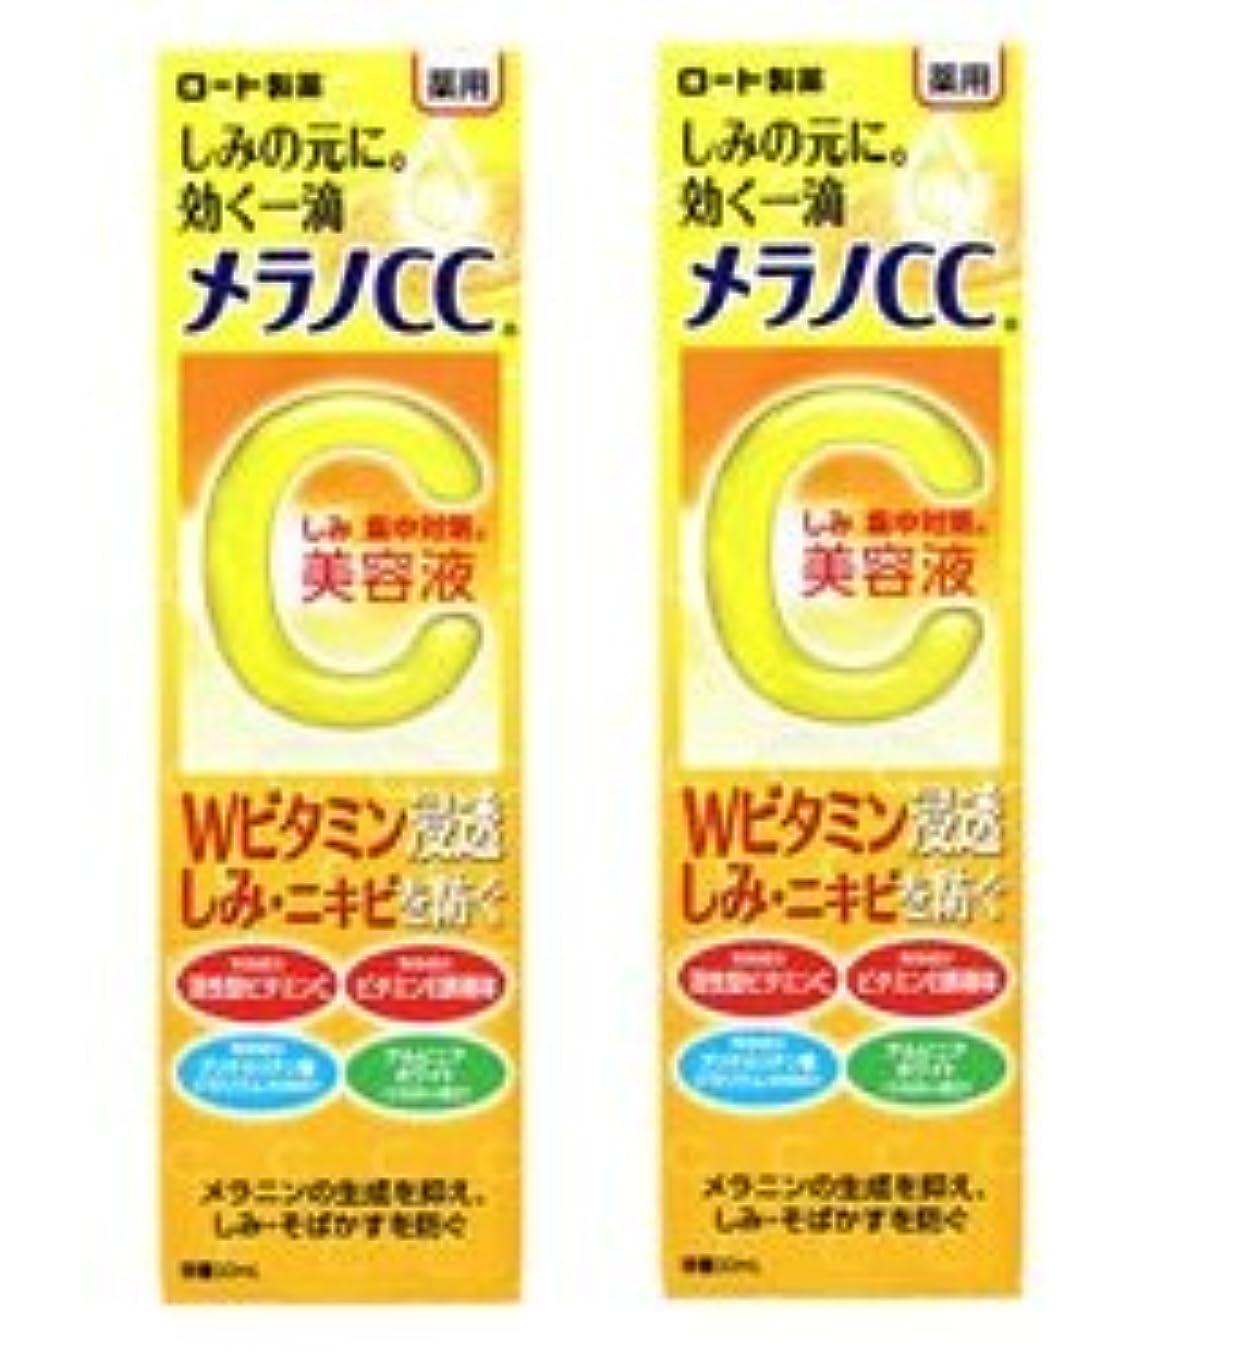 欠陥限界ネブ【2個セット】メラノCC 薬用しみ集中対策美容液 20ml